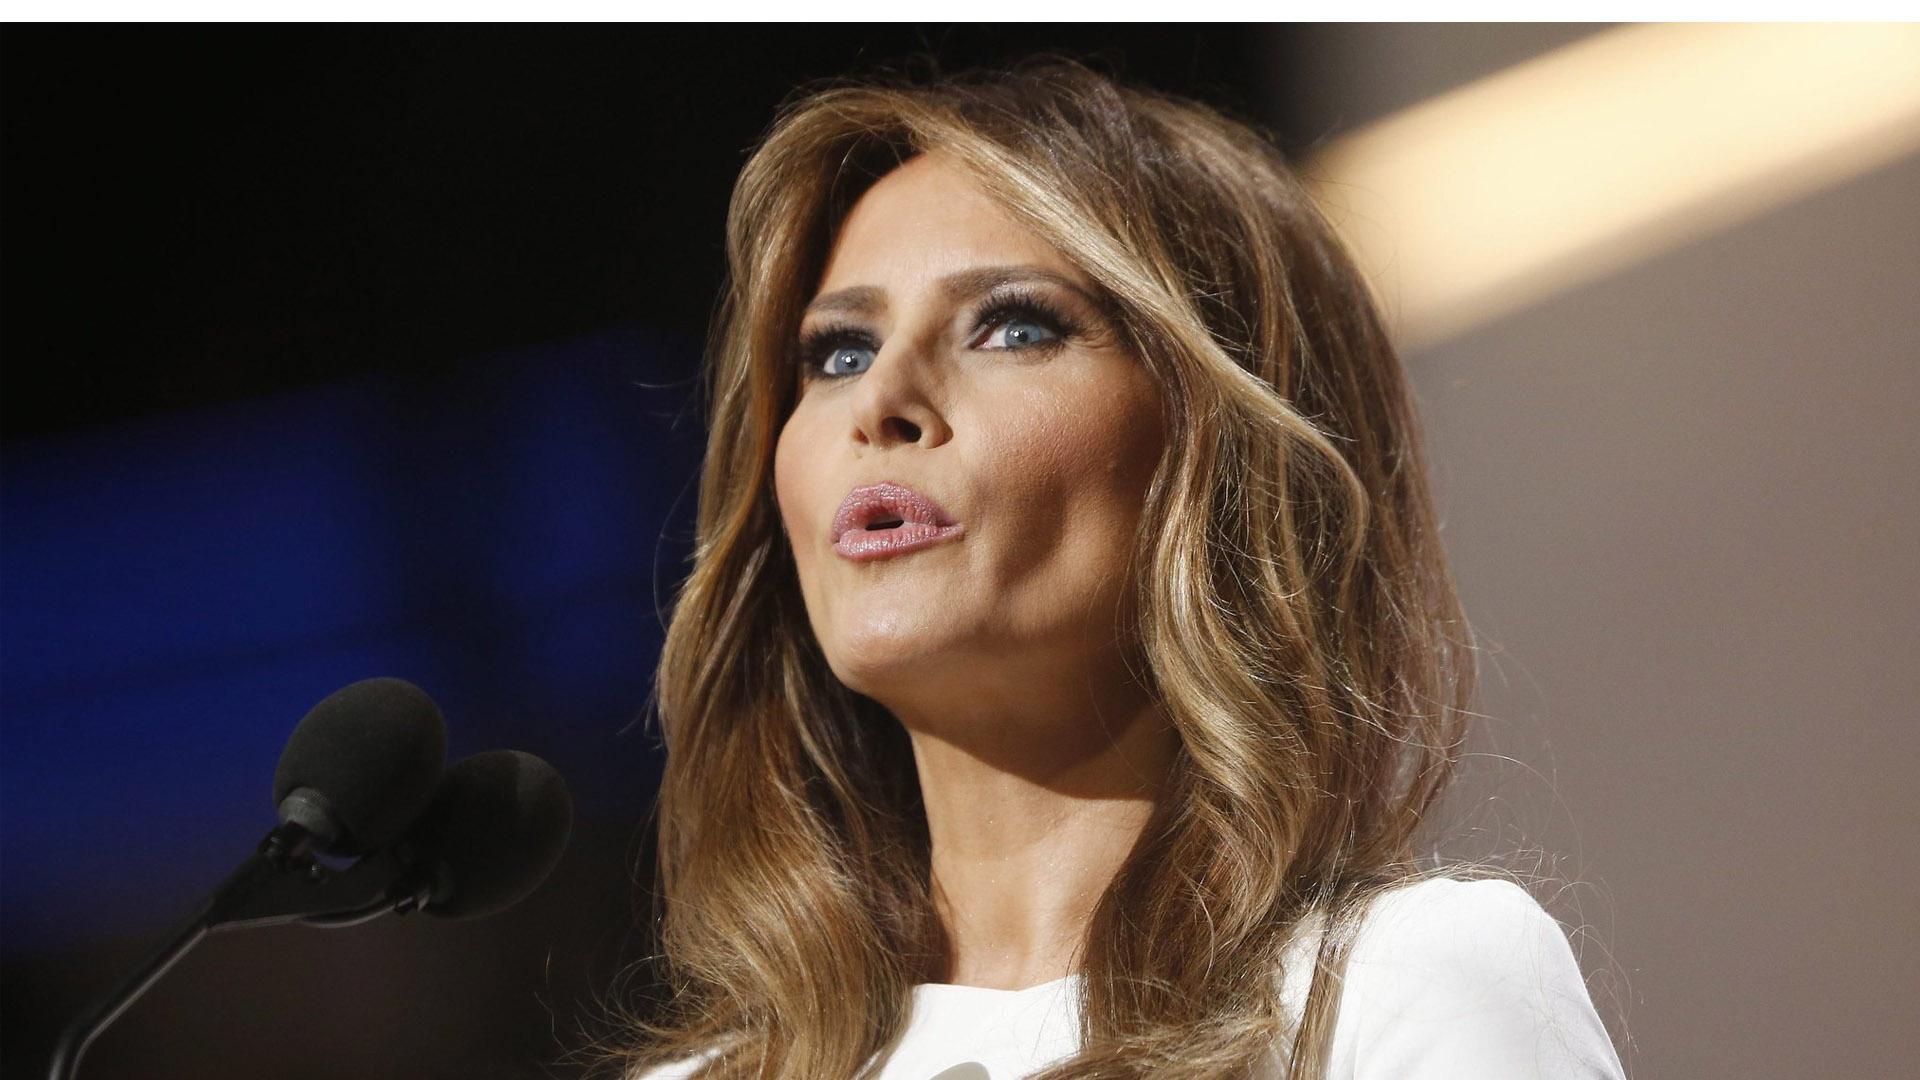 La ex modelo eslovena indicó que tiene intenciones de acusar a varios diarios por publicar que ella fue dama de compañía en los 90